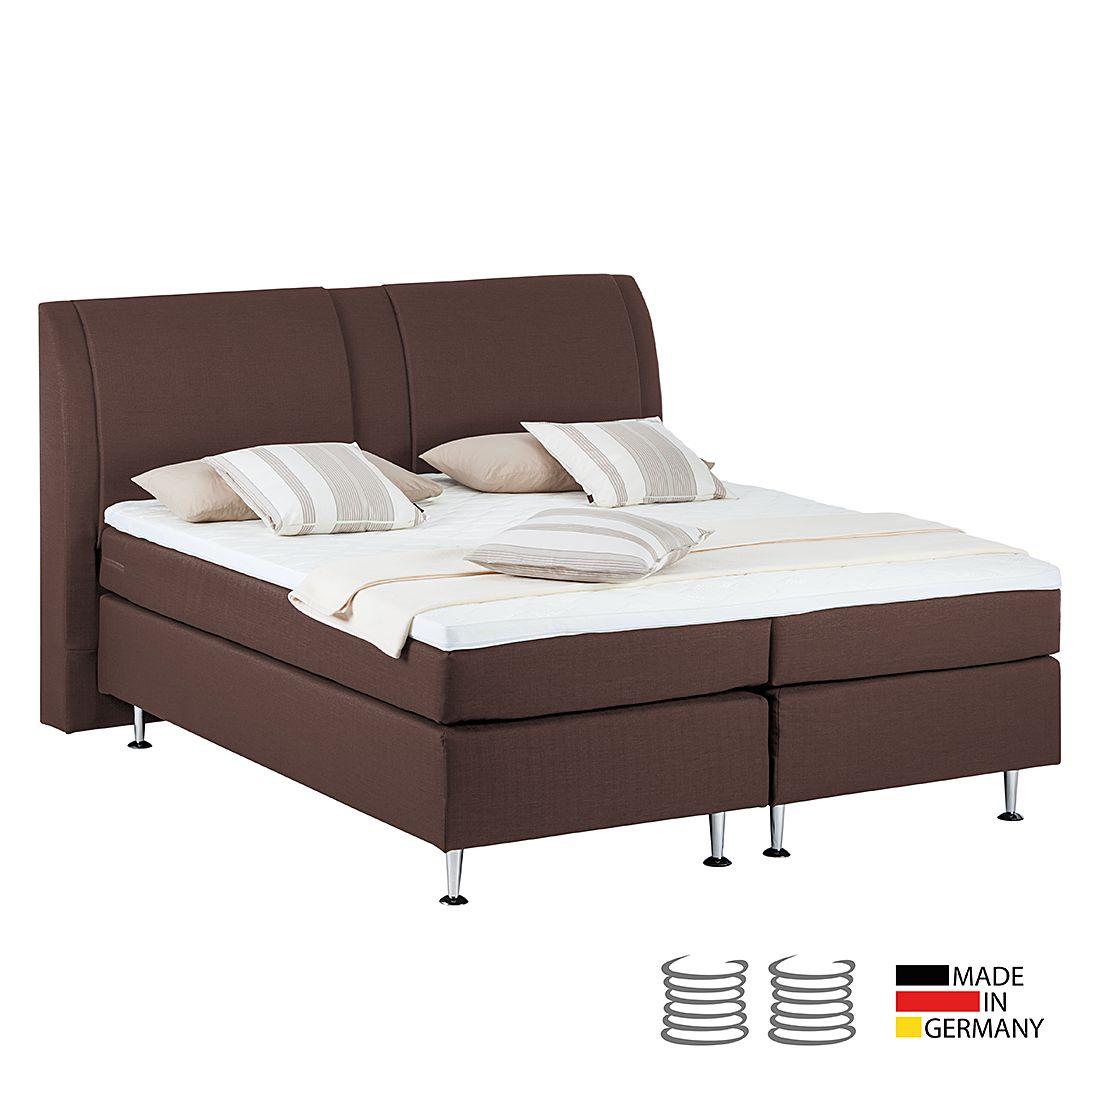 Boxspringbett Bjane Schlafzimmermobel Bettwasche Schwarz Bett